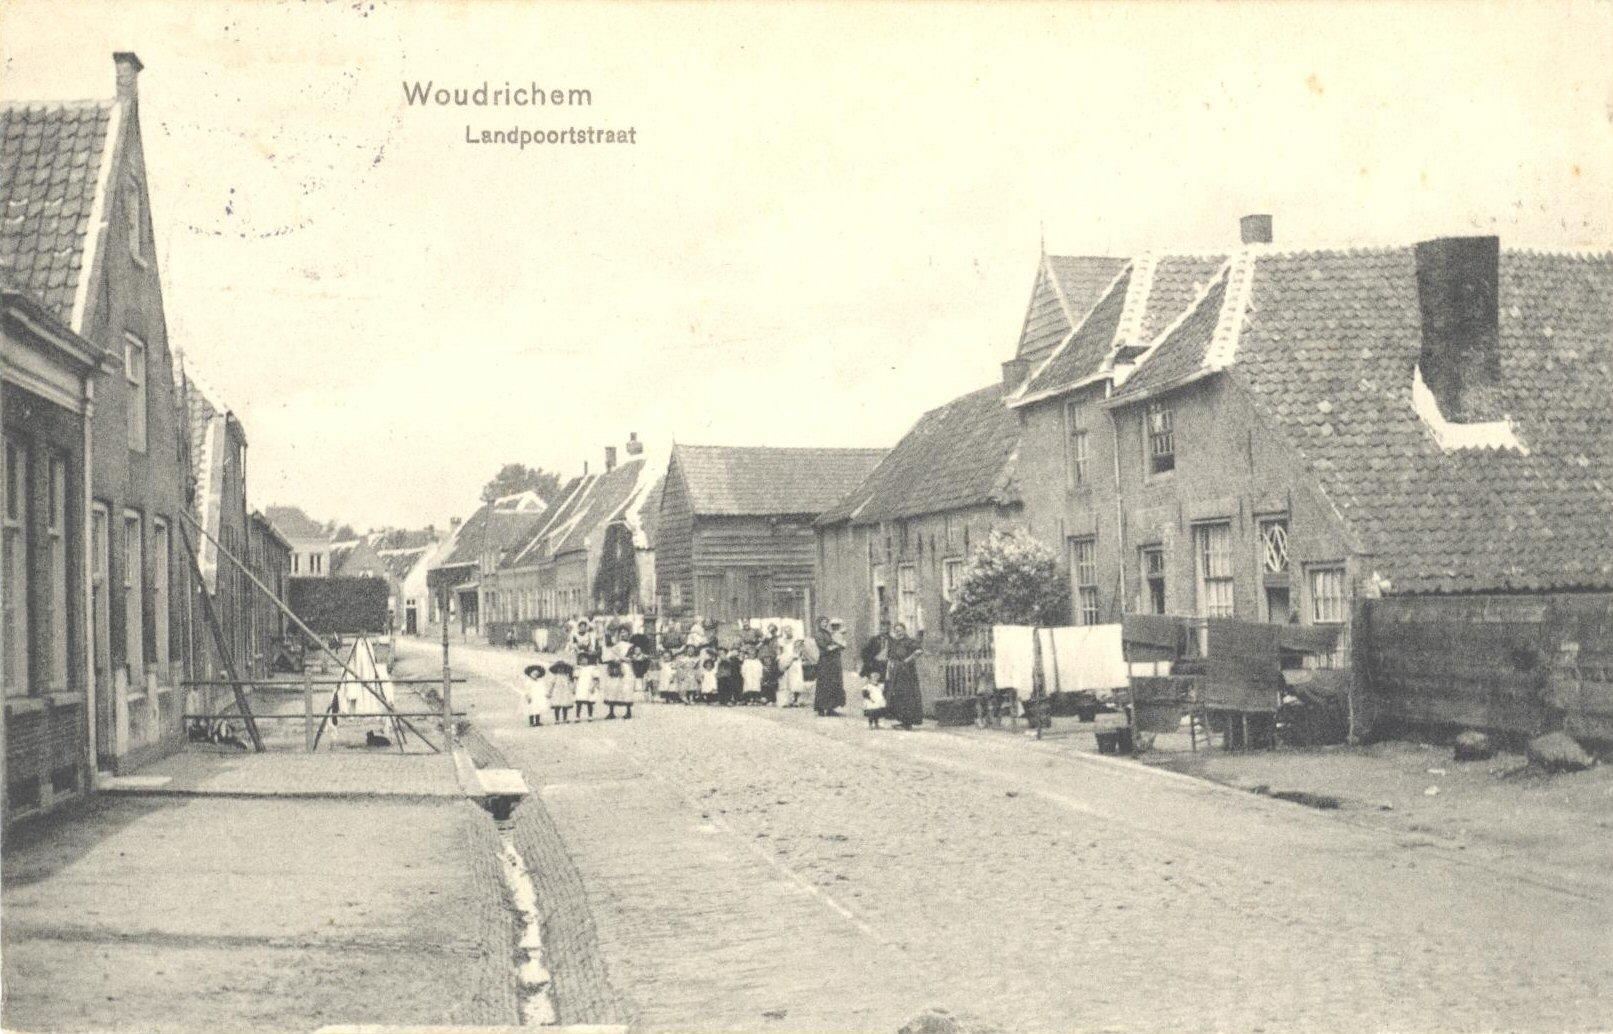 STRAAT -- Landpoortstraat (3)